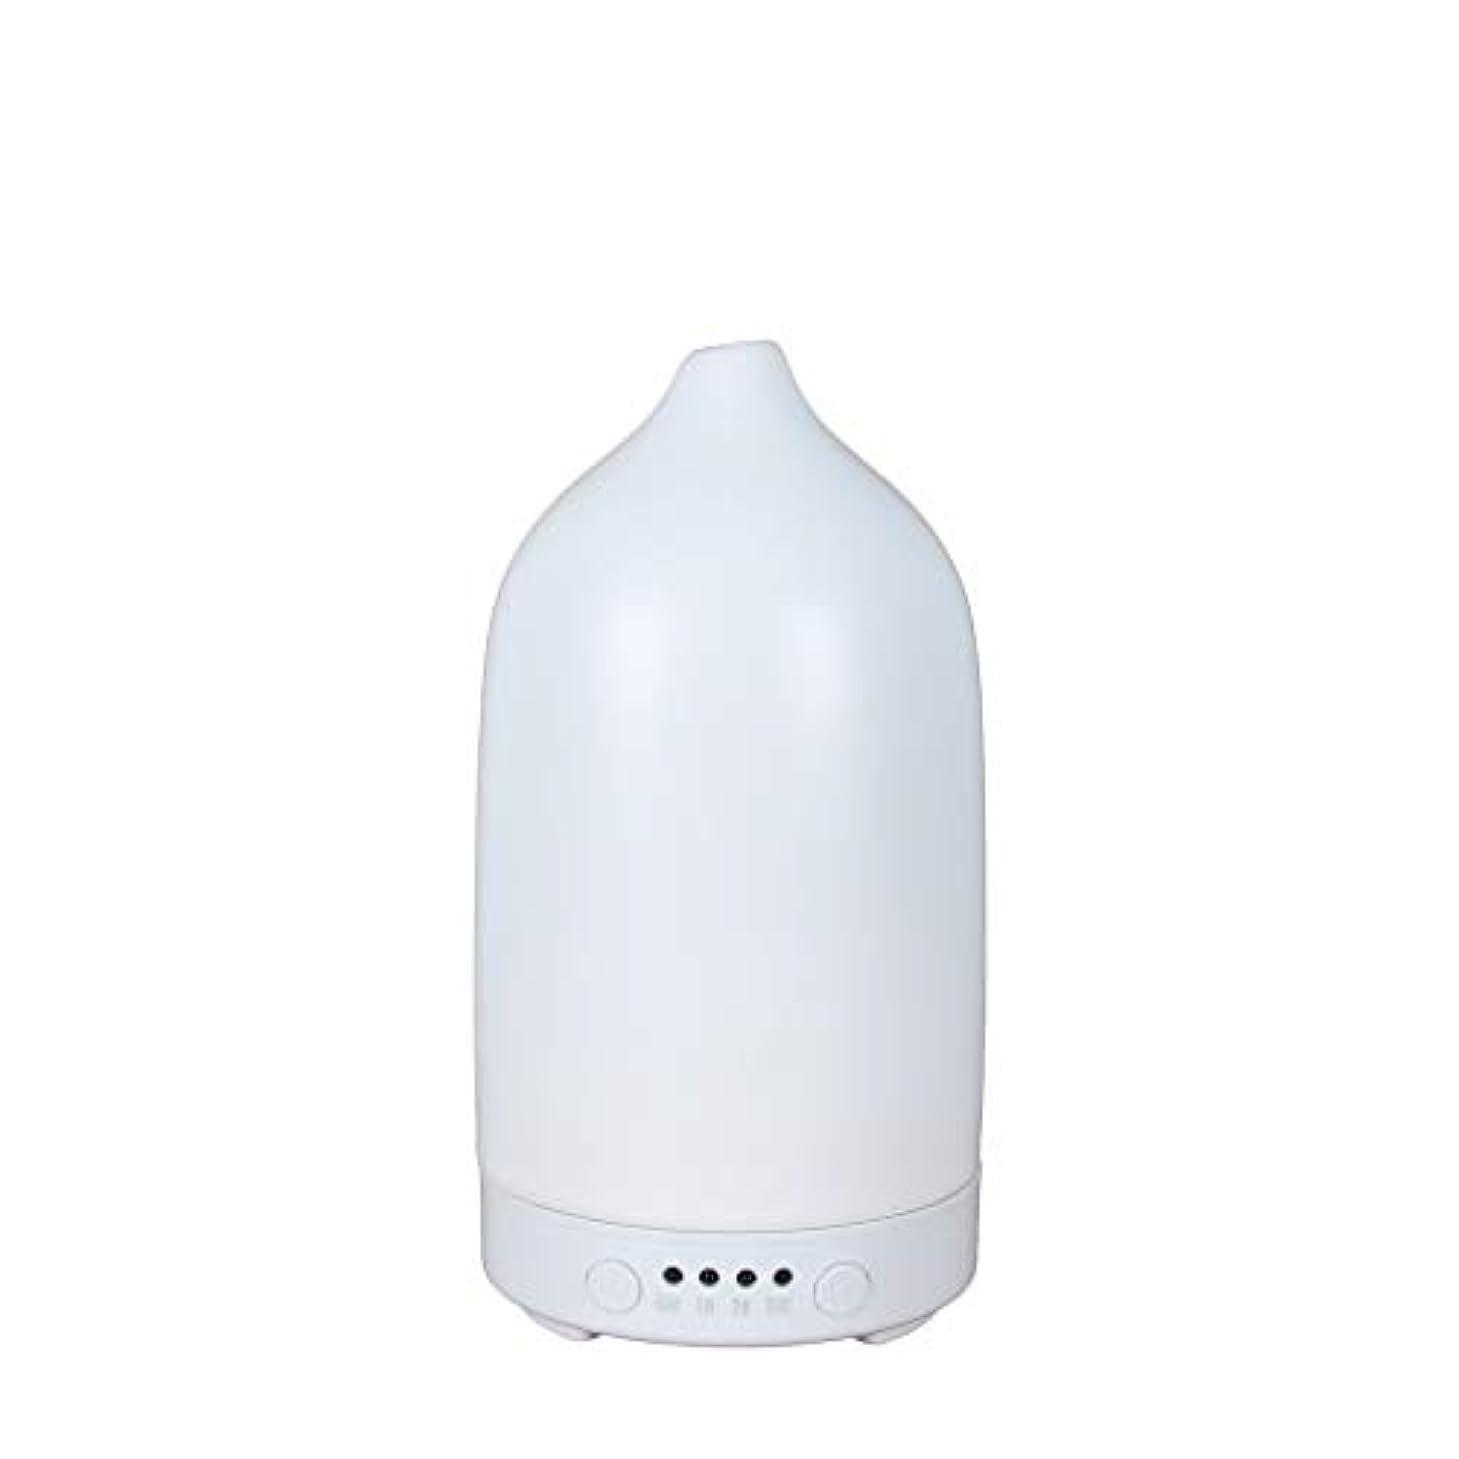 要旨子供っぽい比較加湿器卓上USB型加湿器殺菌加湿エアーフレッシュナー落下水漏れ防止超音波式加湿器超音波式卓上型大容量超静音長時間連続運転乾燥対策調整可能なミストブロー消音 (A)